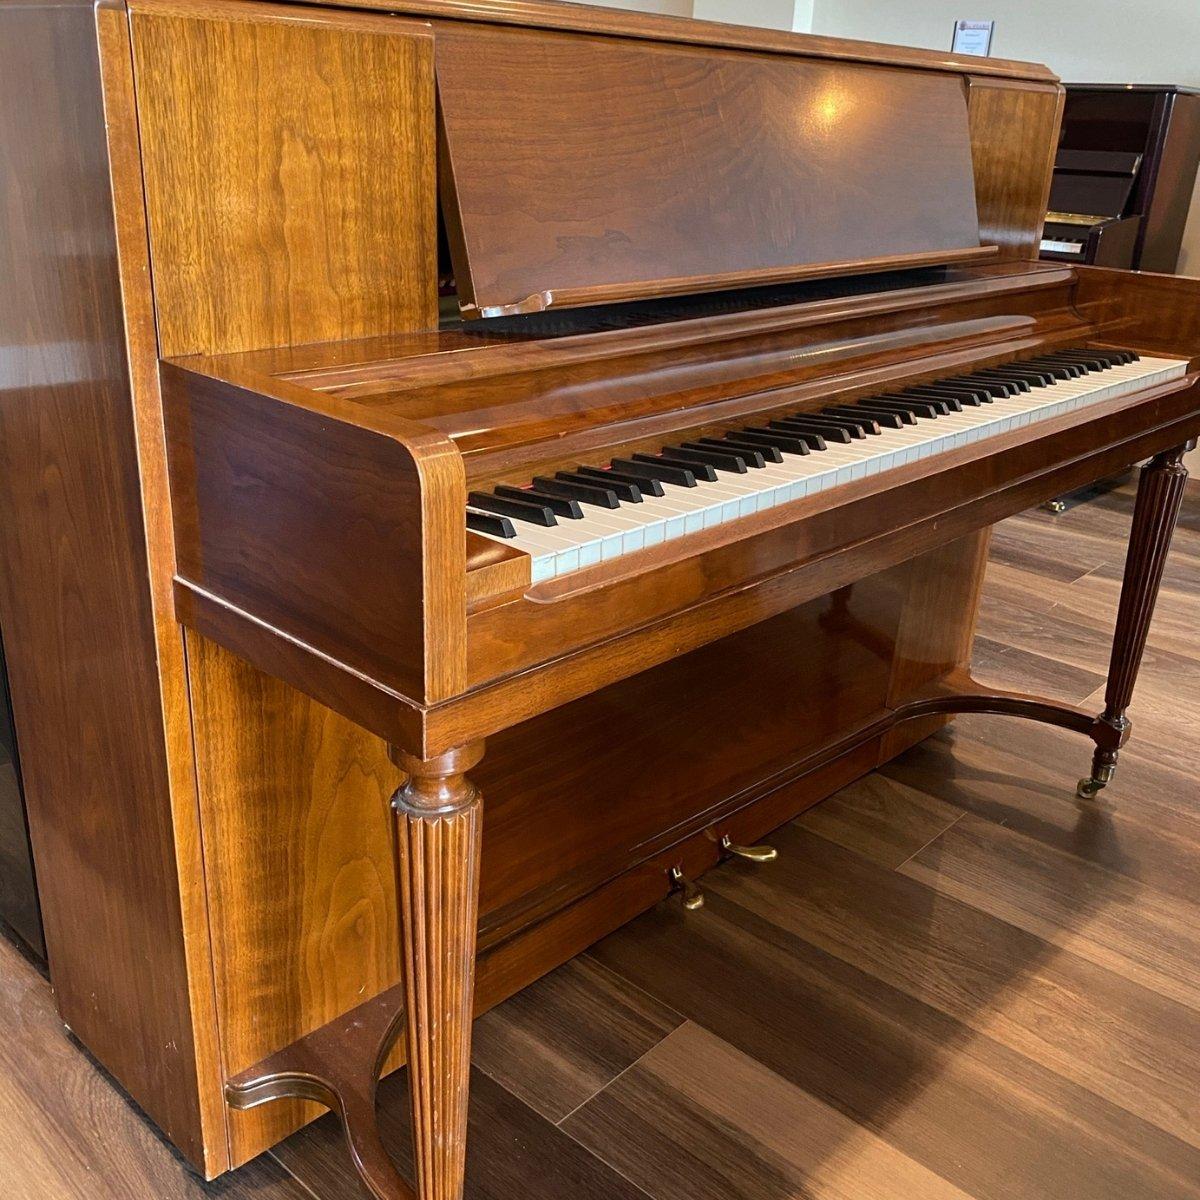 RENTED - Heintzman Toronto 42 Upright Piano